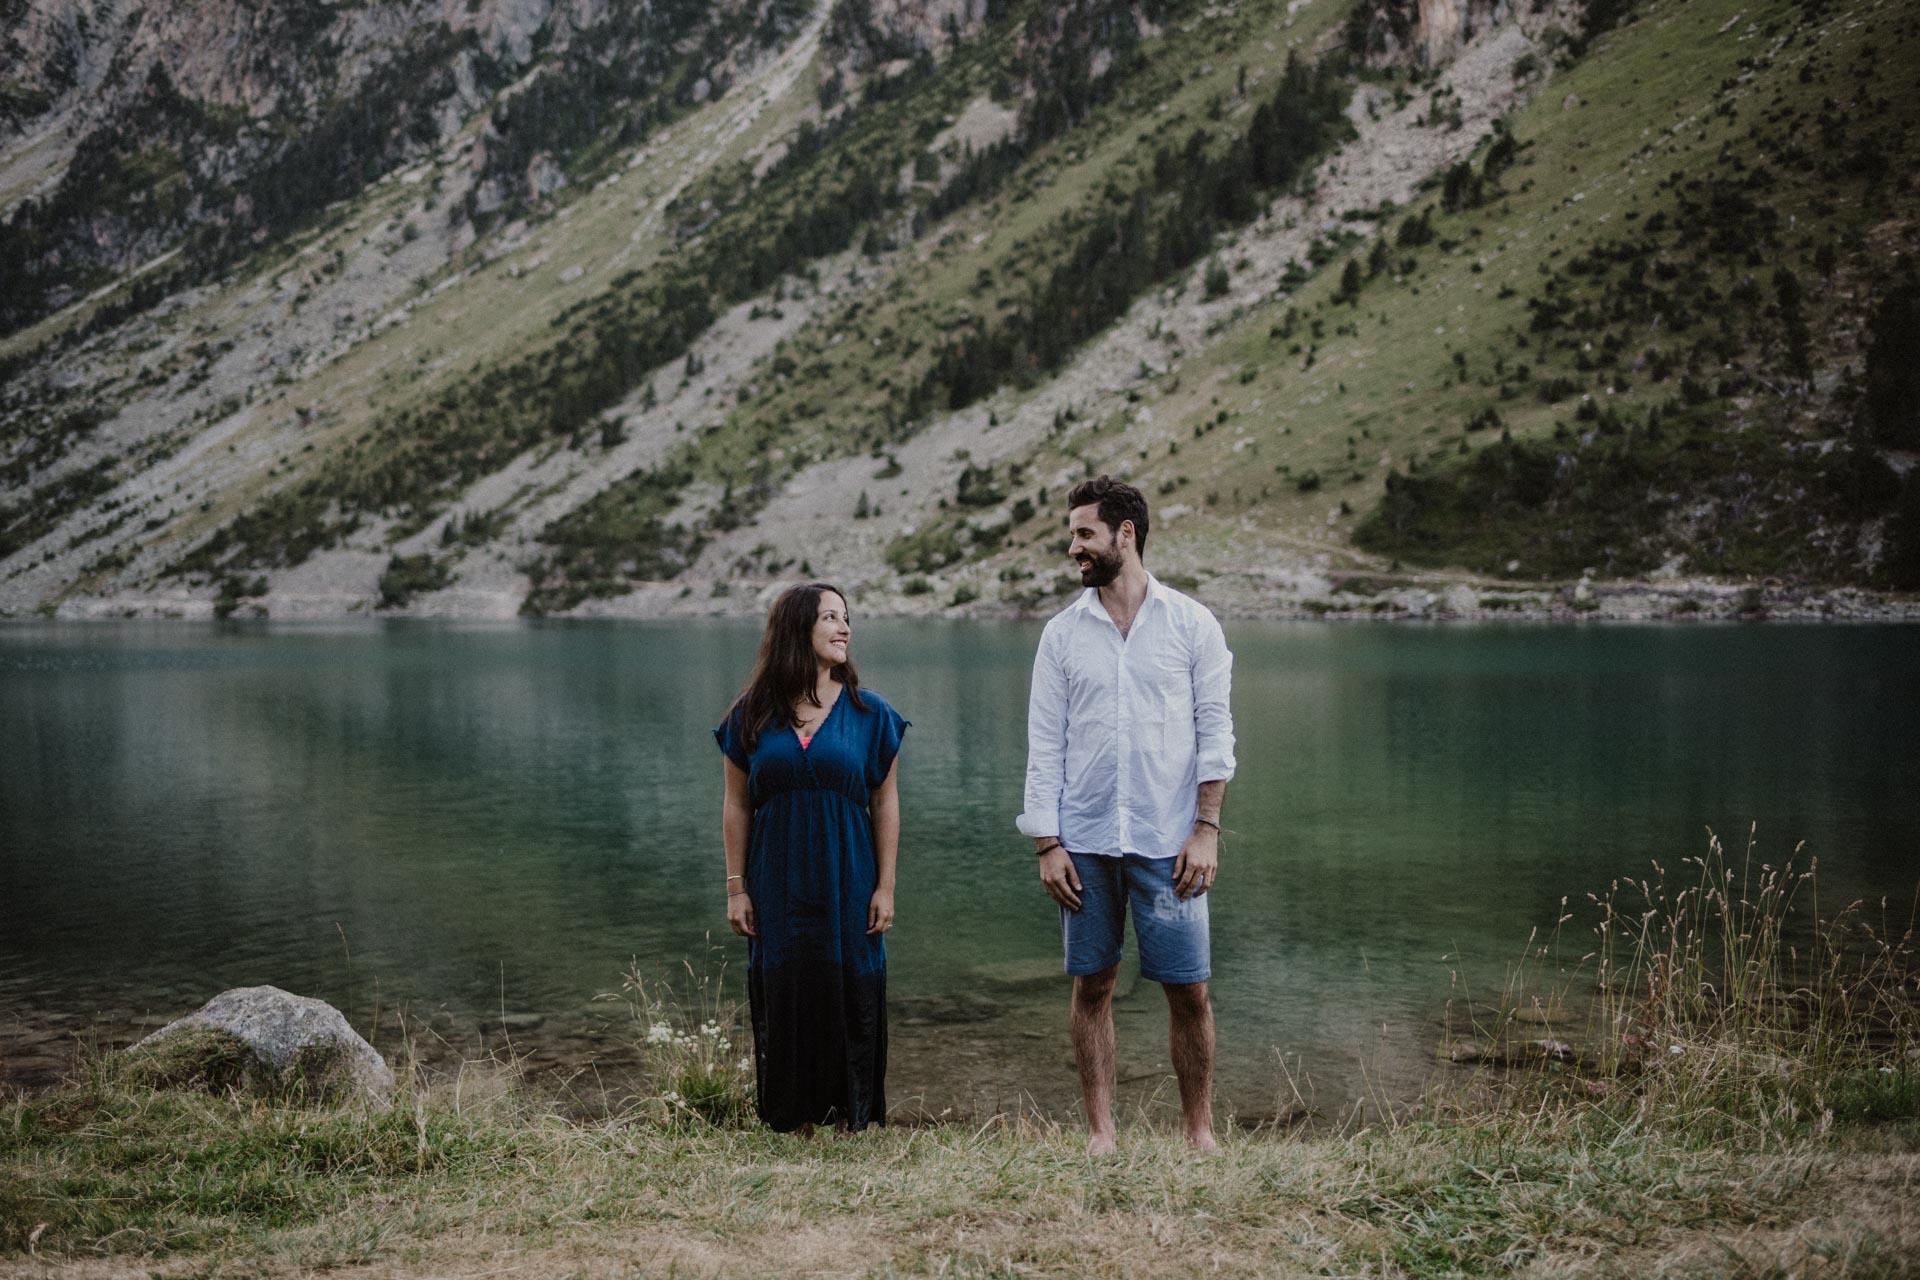 geraldine buis photographe séance couple séance engagement lac de gaube